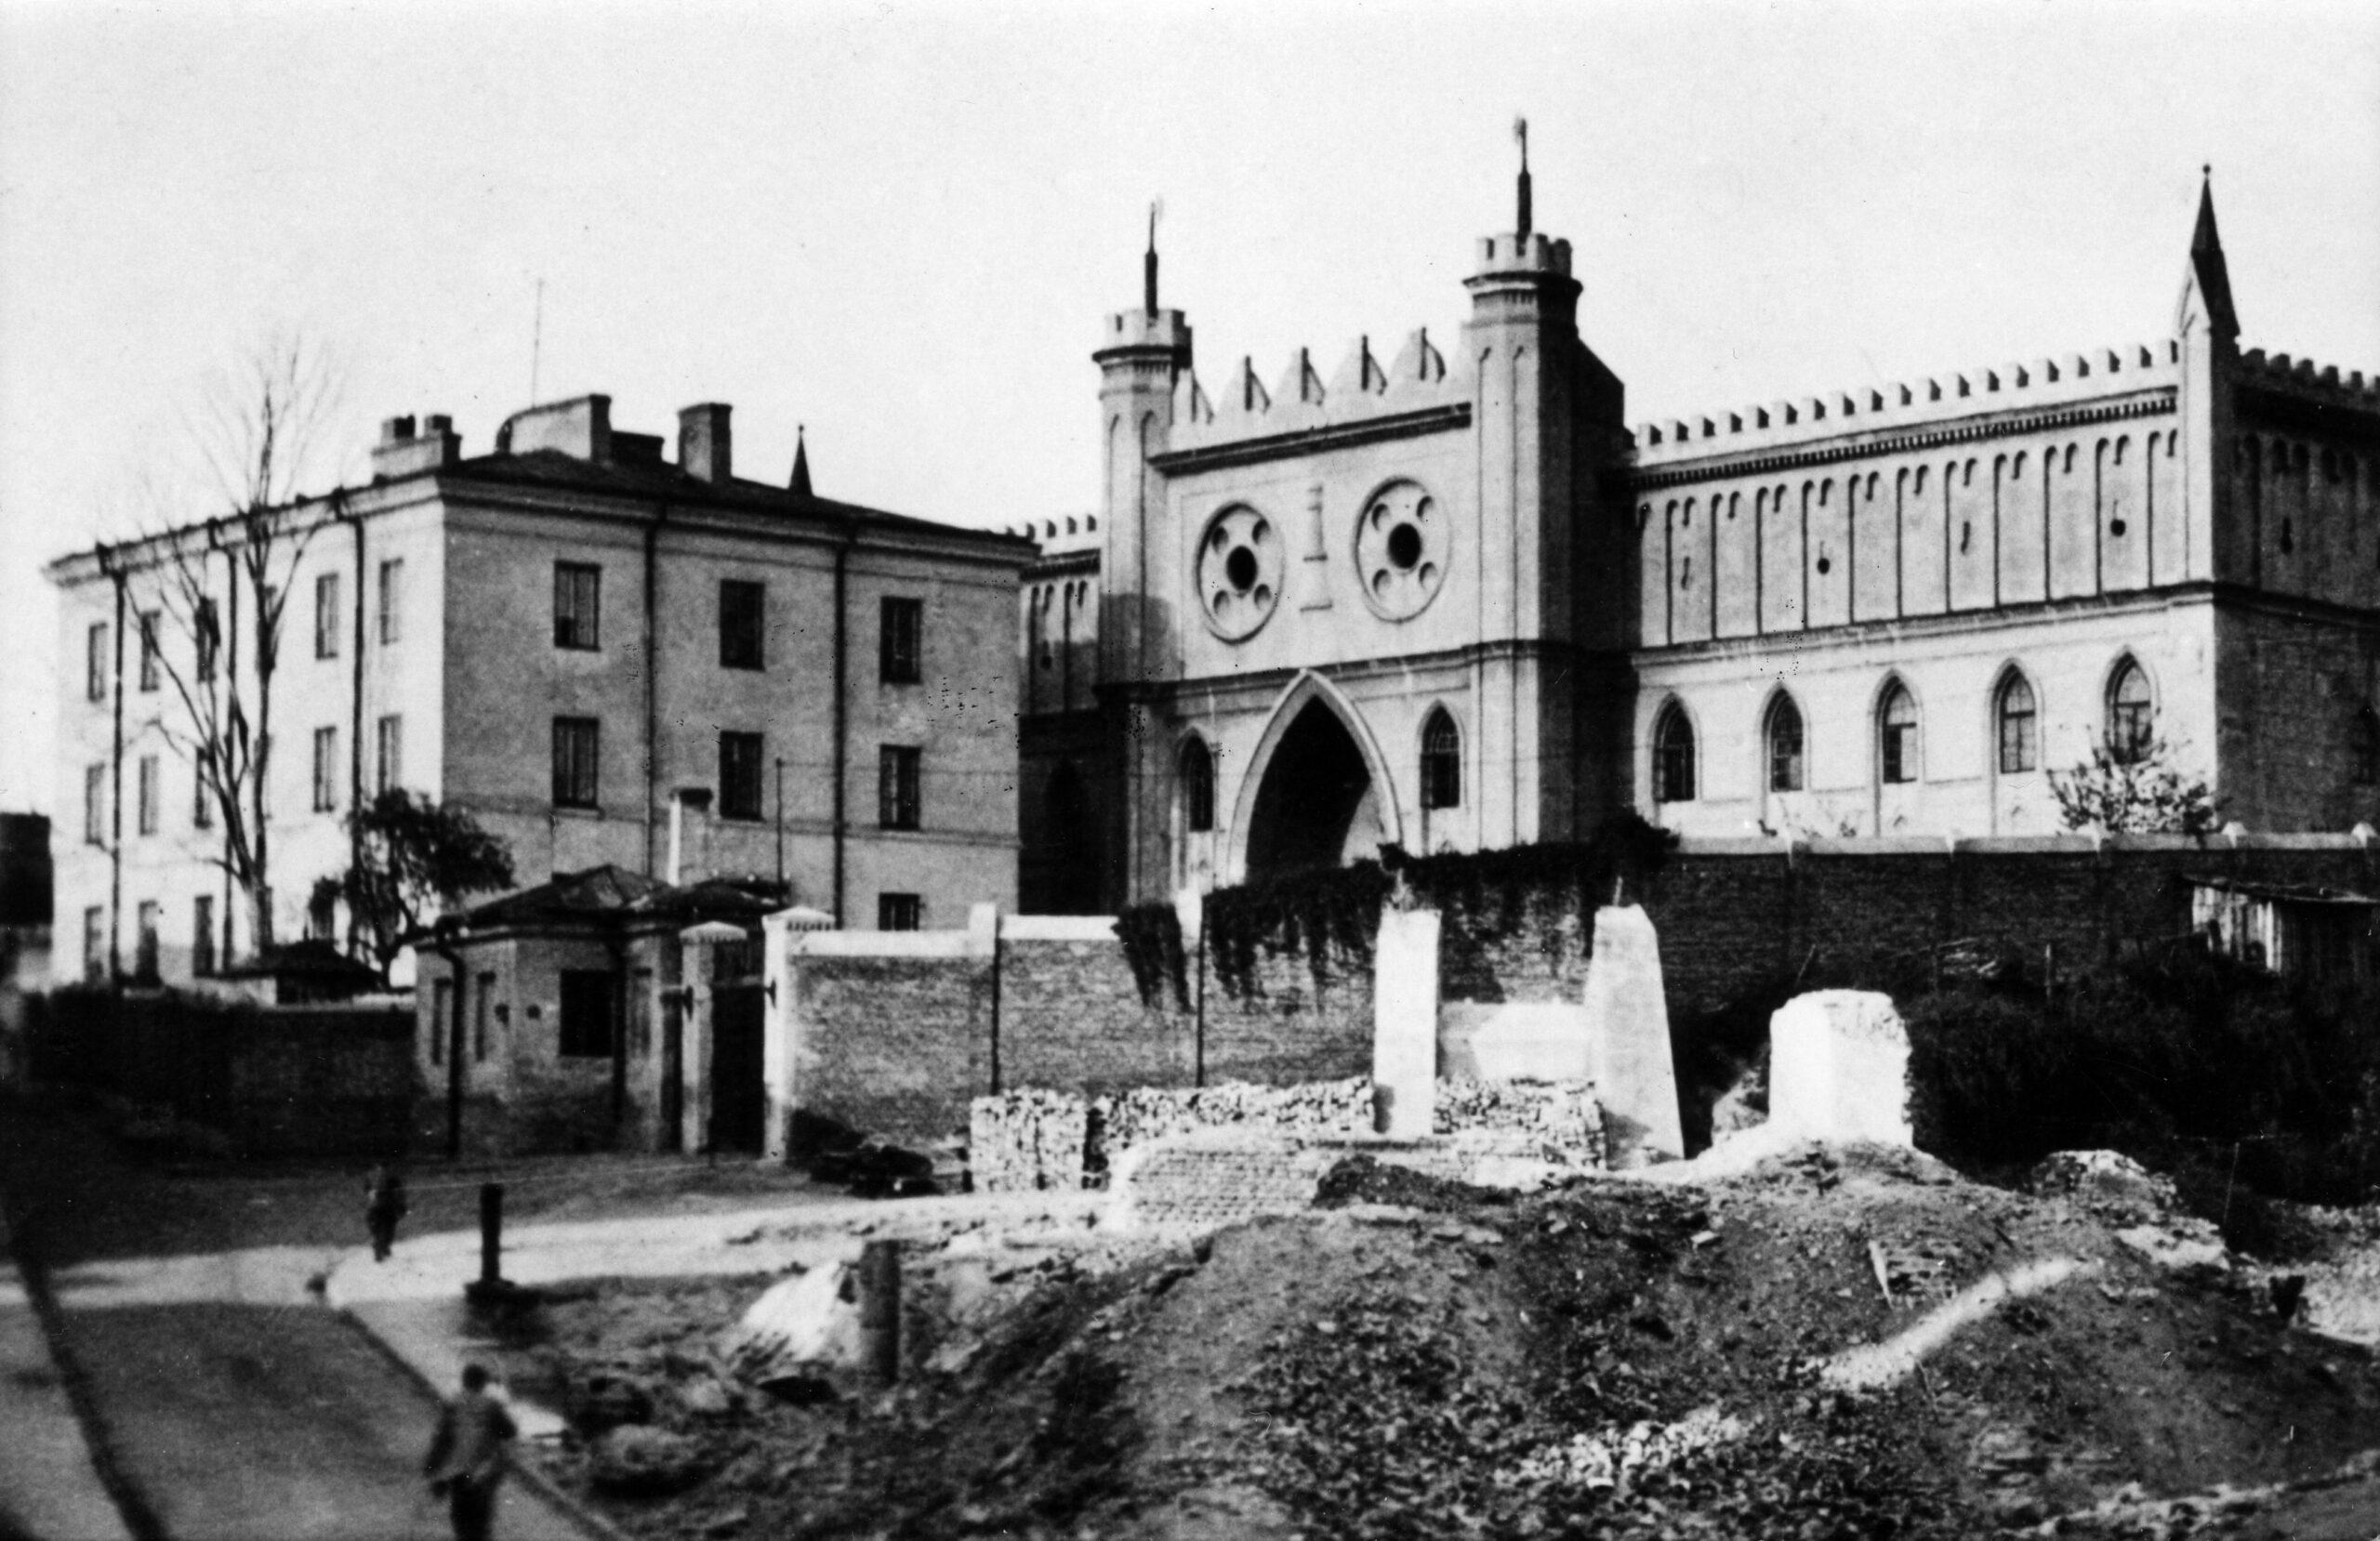 Czarnobiała fotografia z widokiem na Zamek Lubelski od frontu.